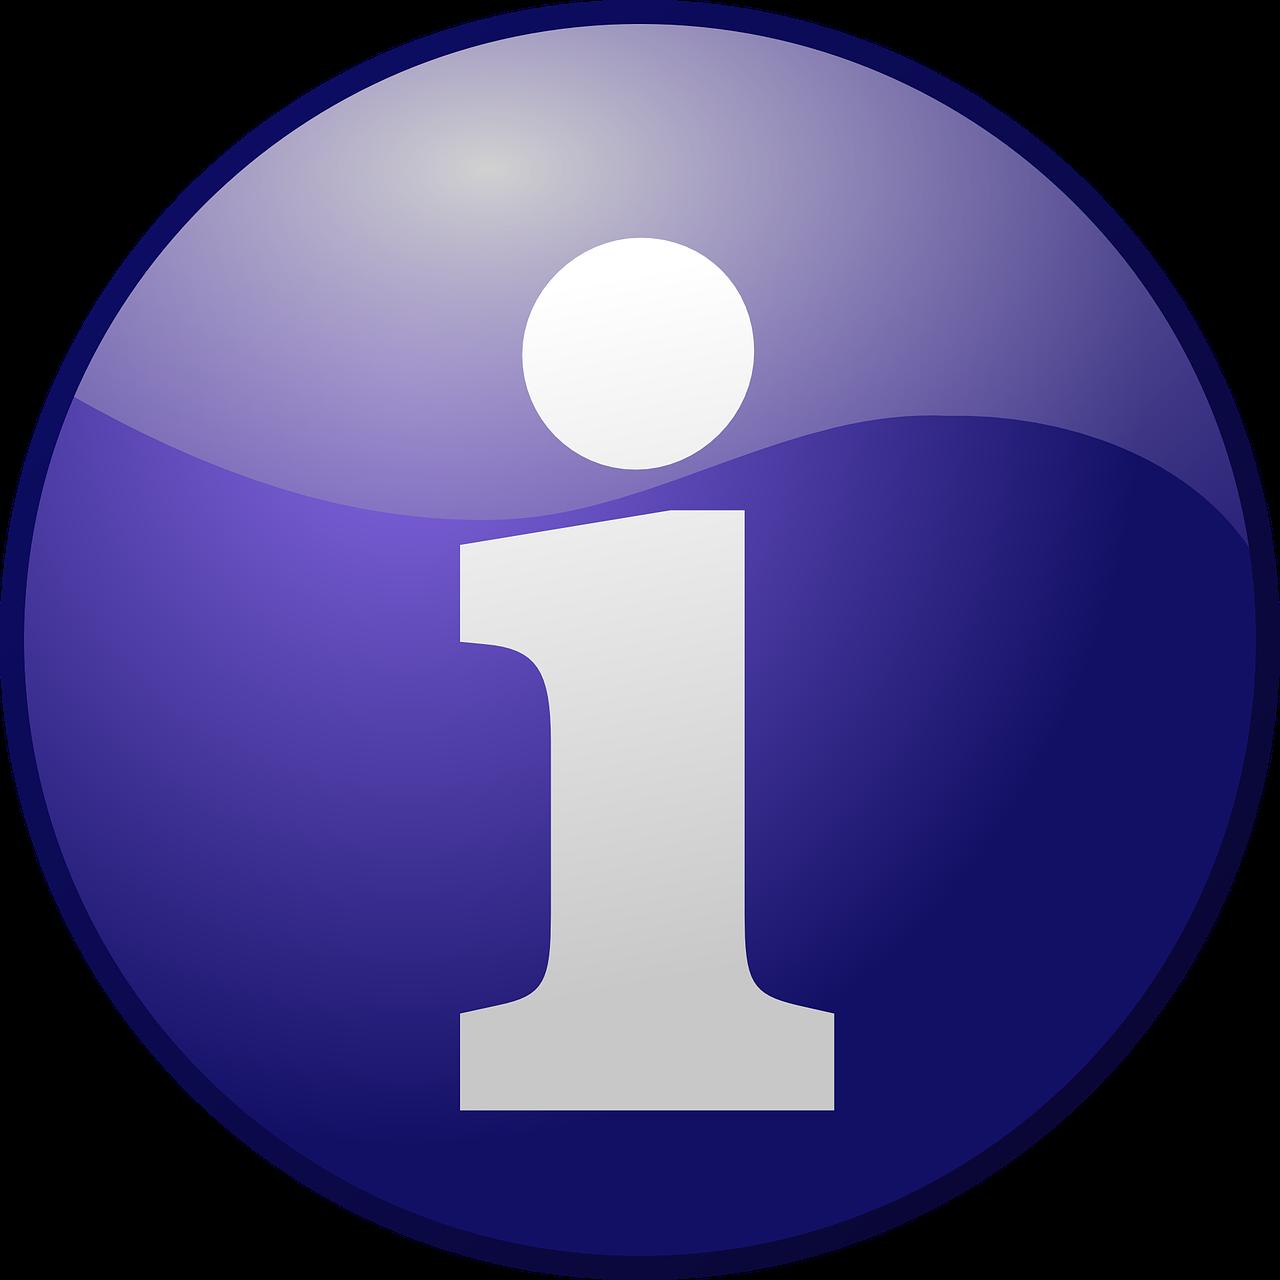 image of i-for-information sign